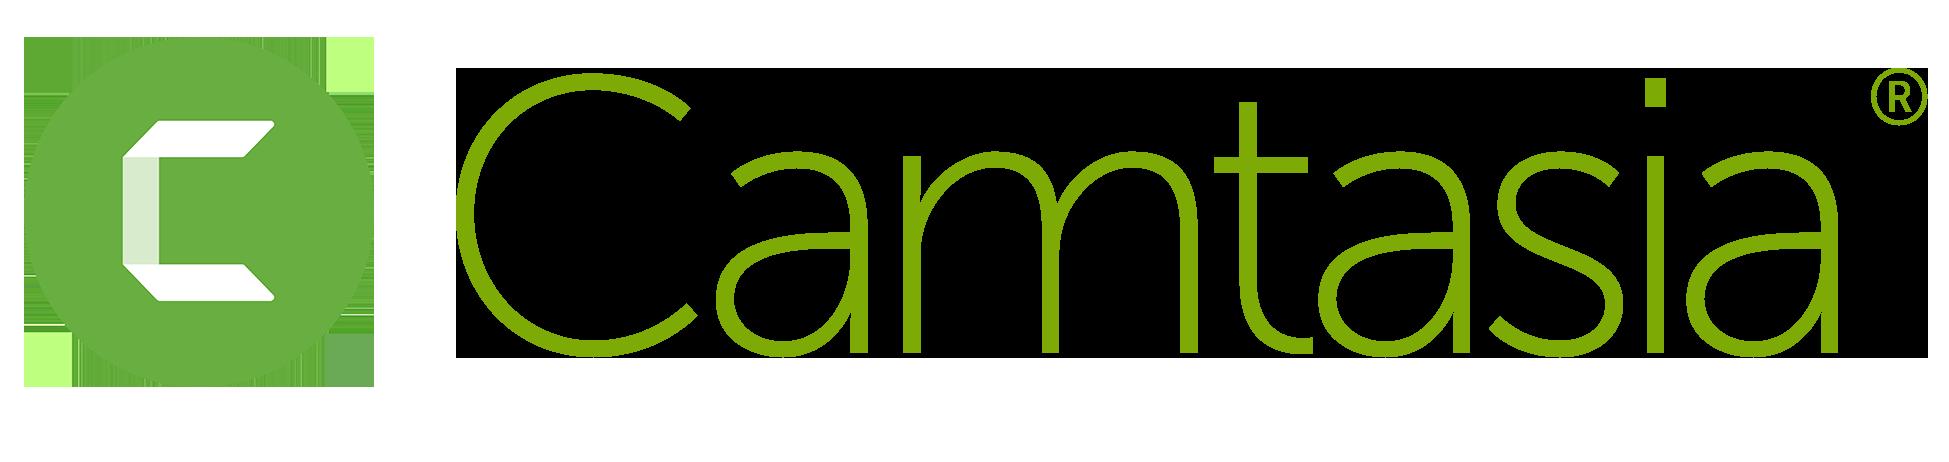 camtasia logo goccuaphu.com